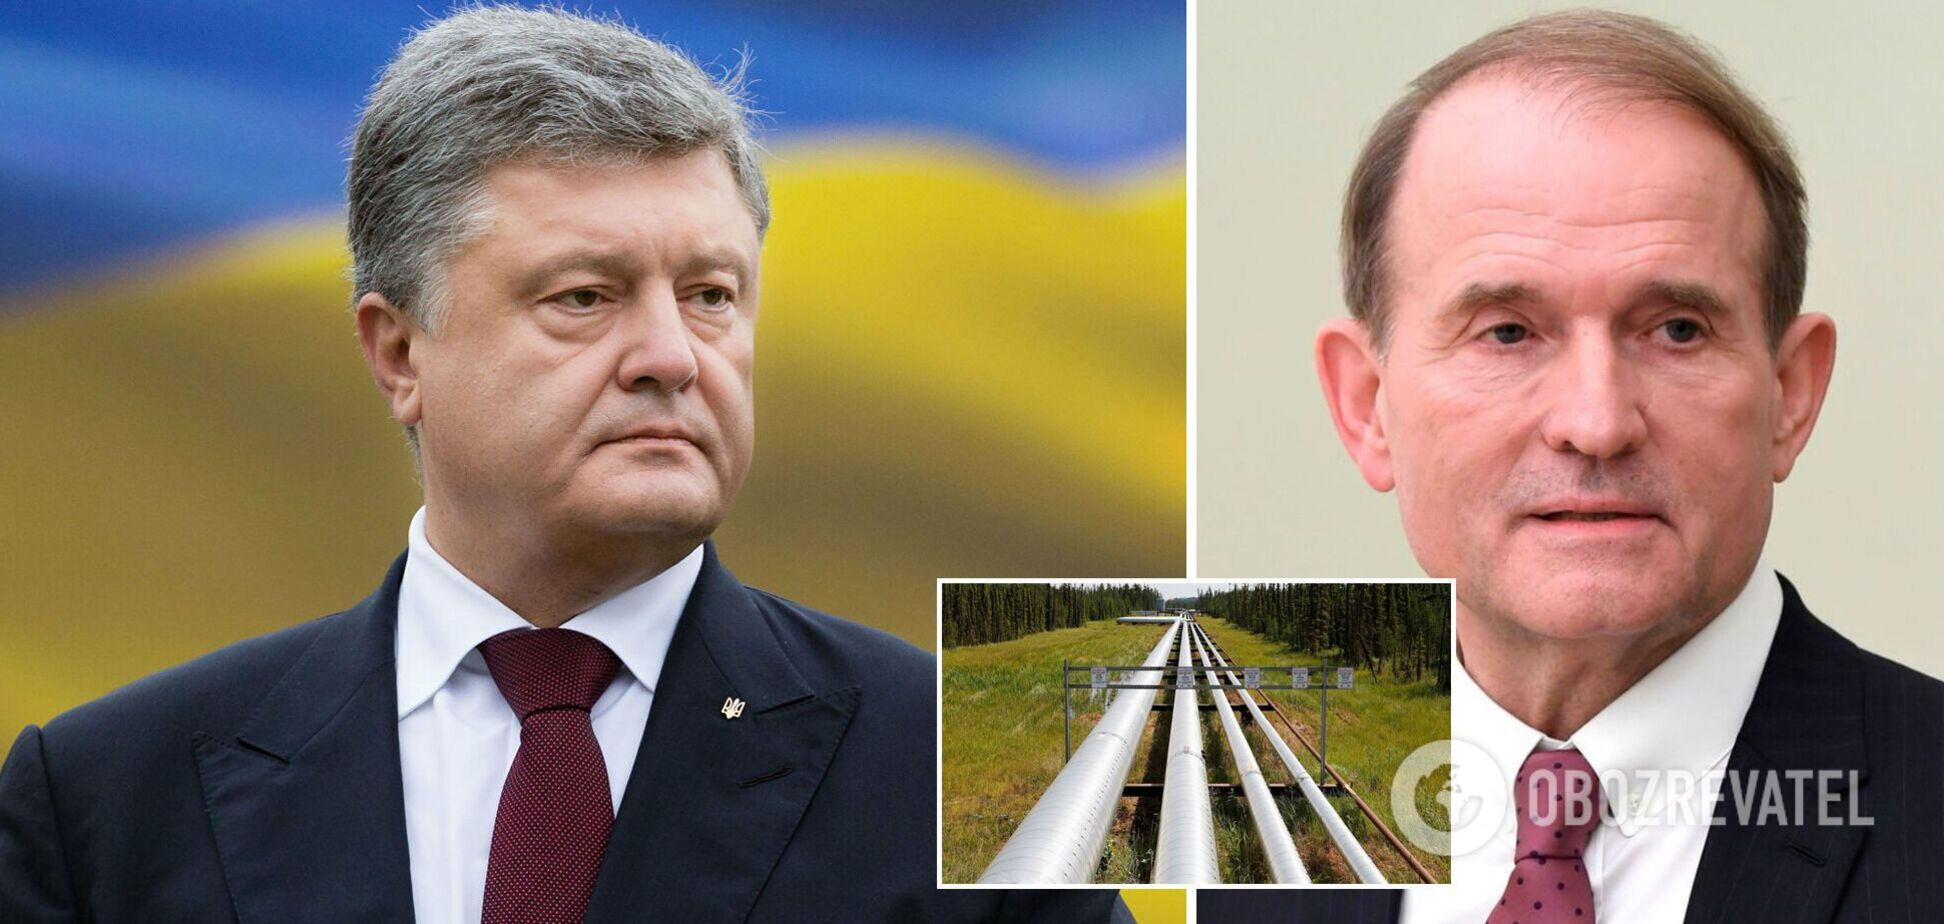 Порошенко подписывал решения о передаче государству 'трубопровода Медведчука', но суд их блокировал, – Турчинов